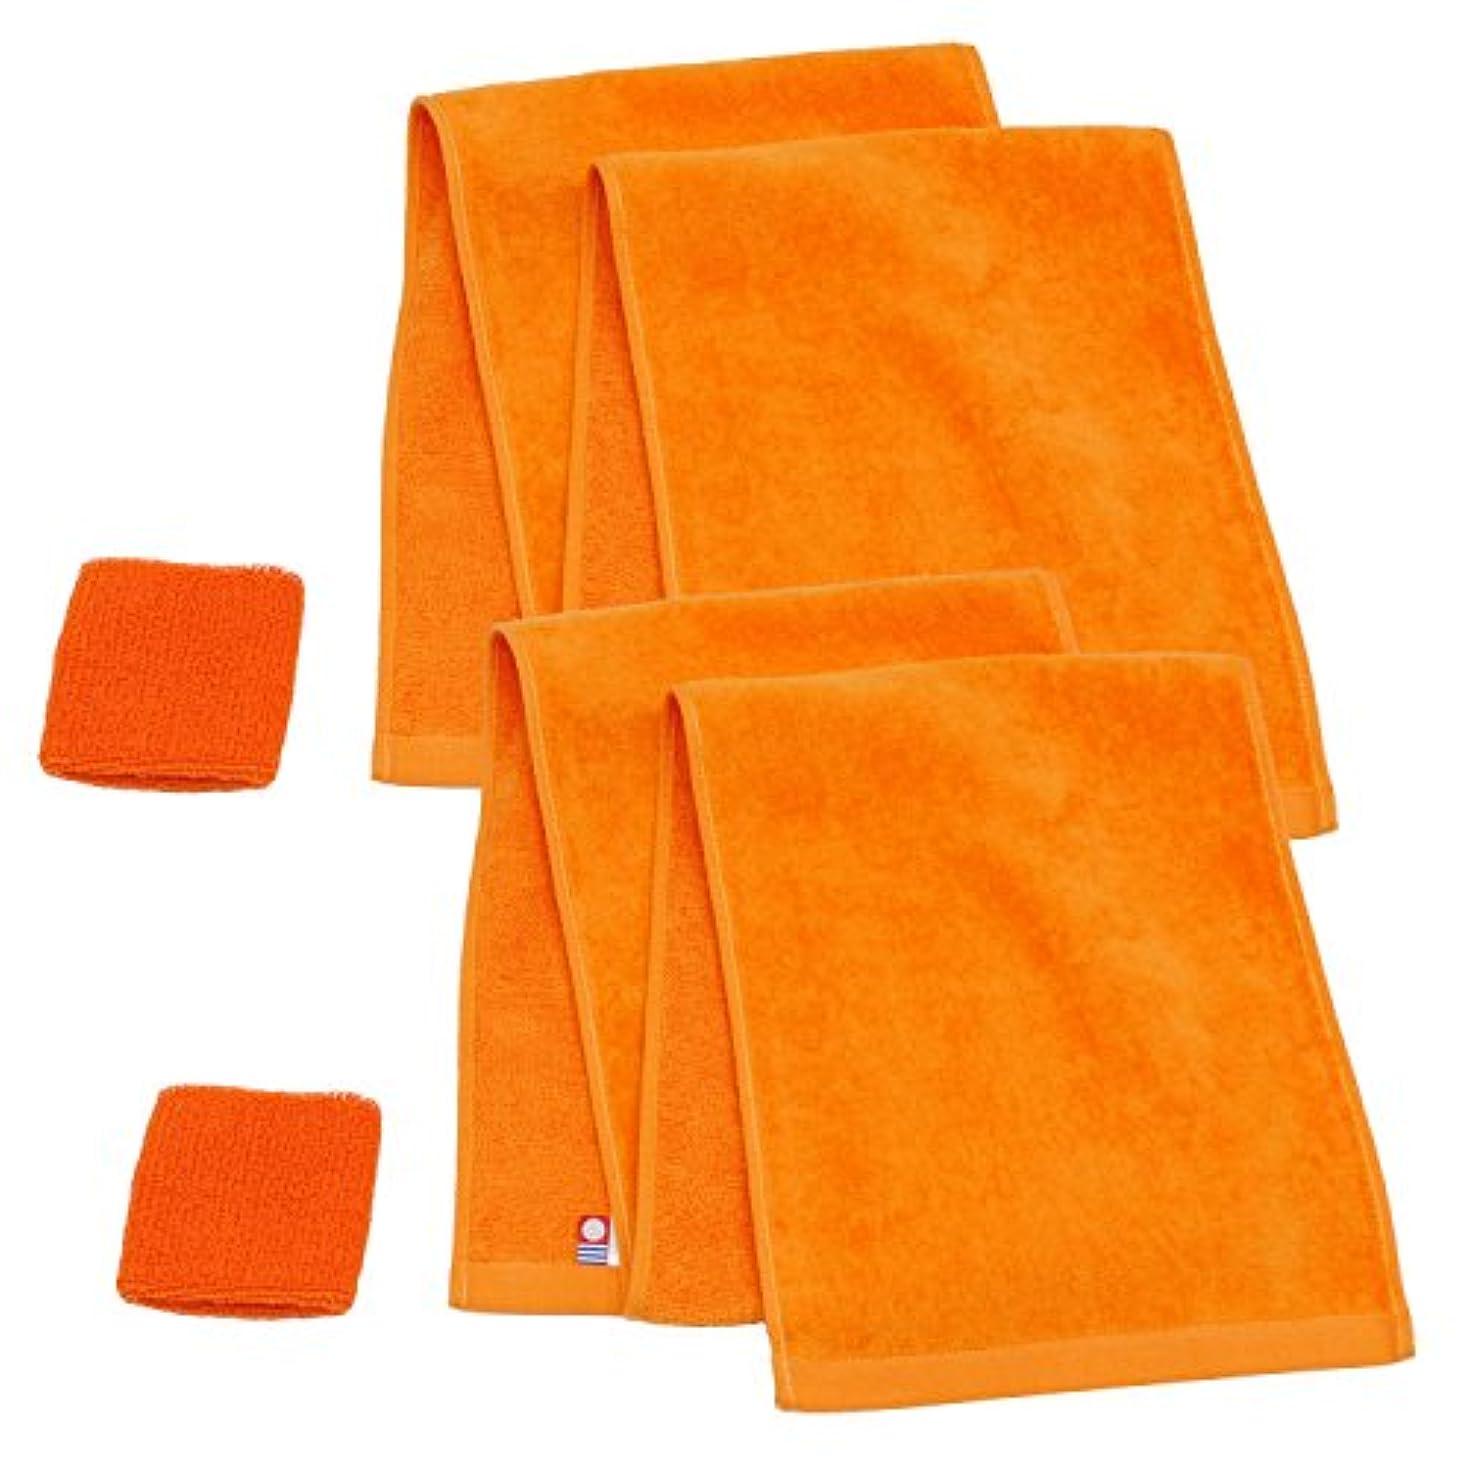 長くするインシュレータ誓う今治産マフラータオル+リストバンド オレンジ2枚セット -